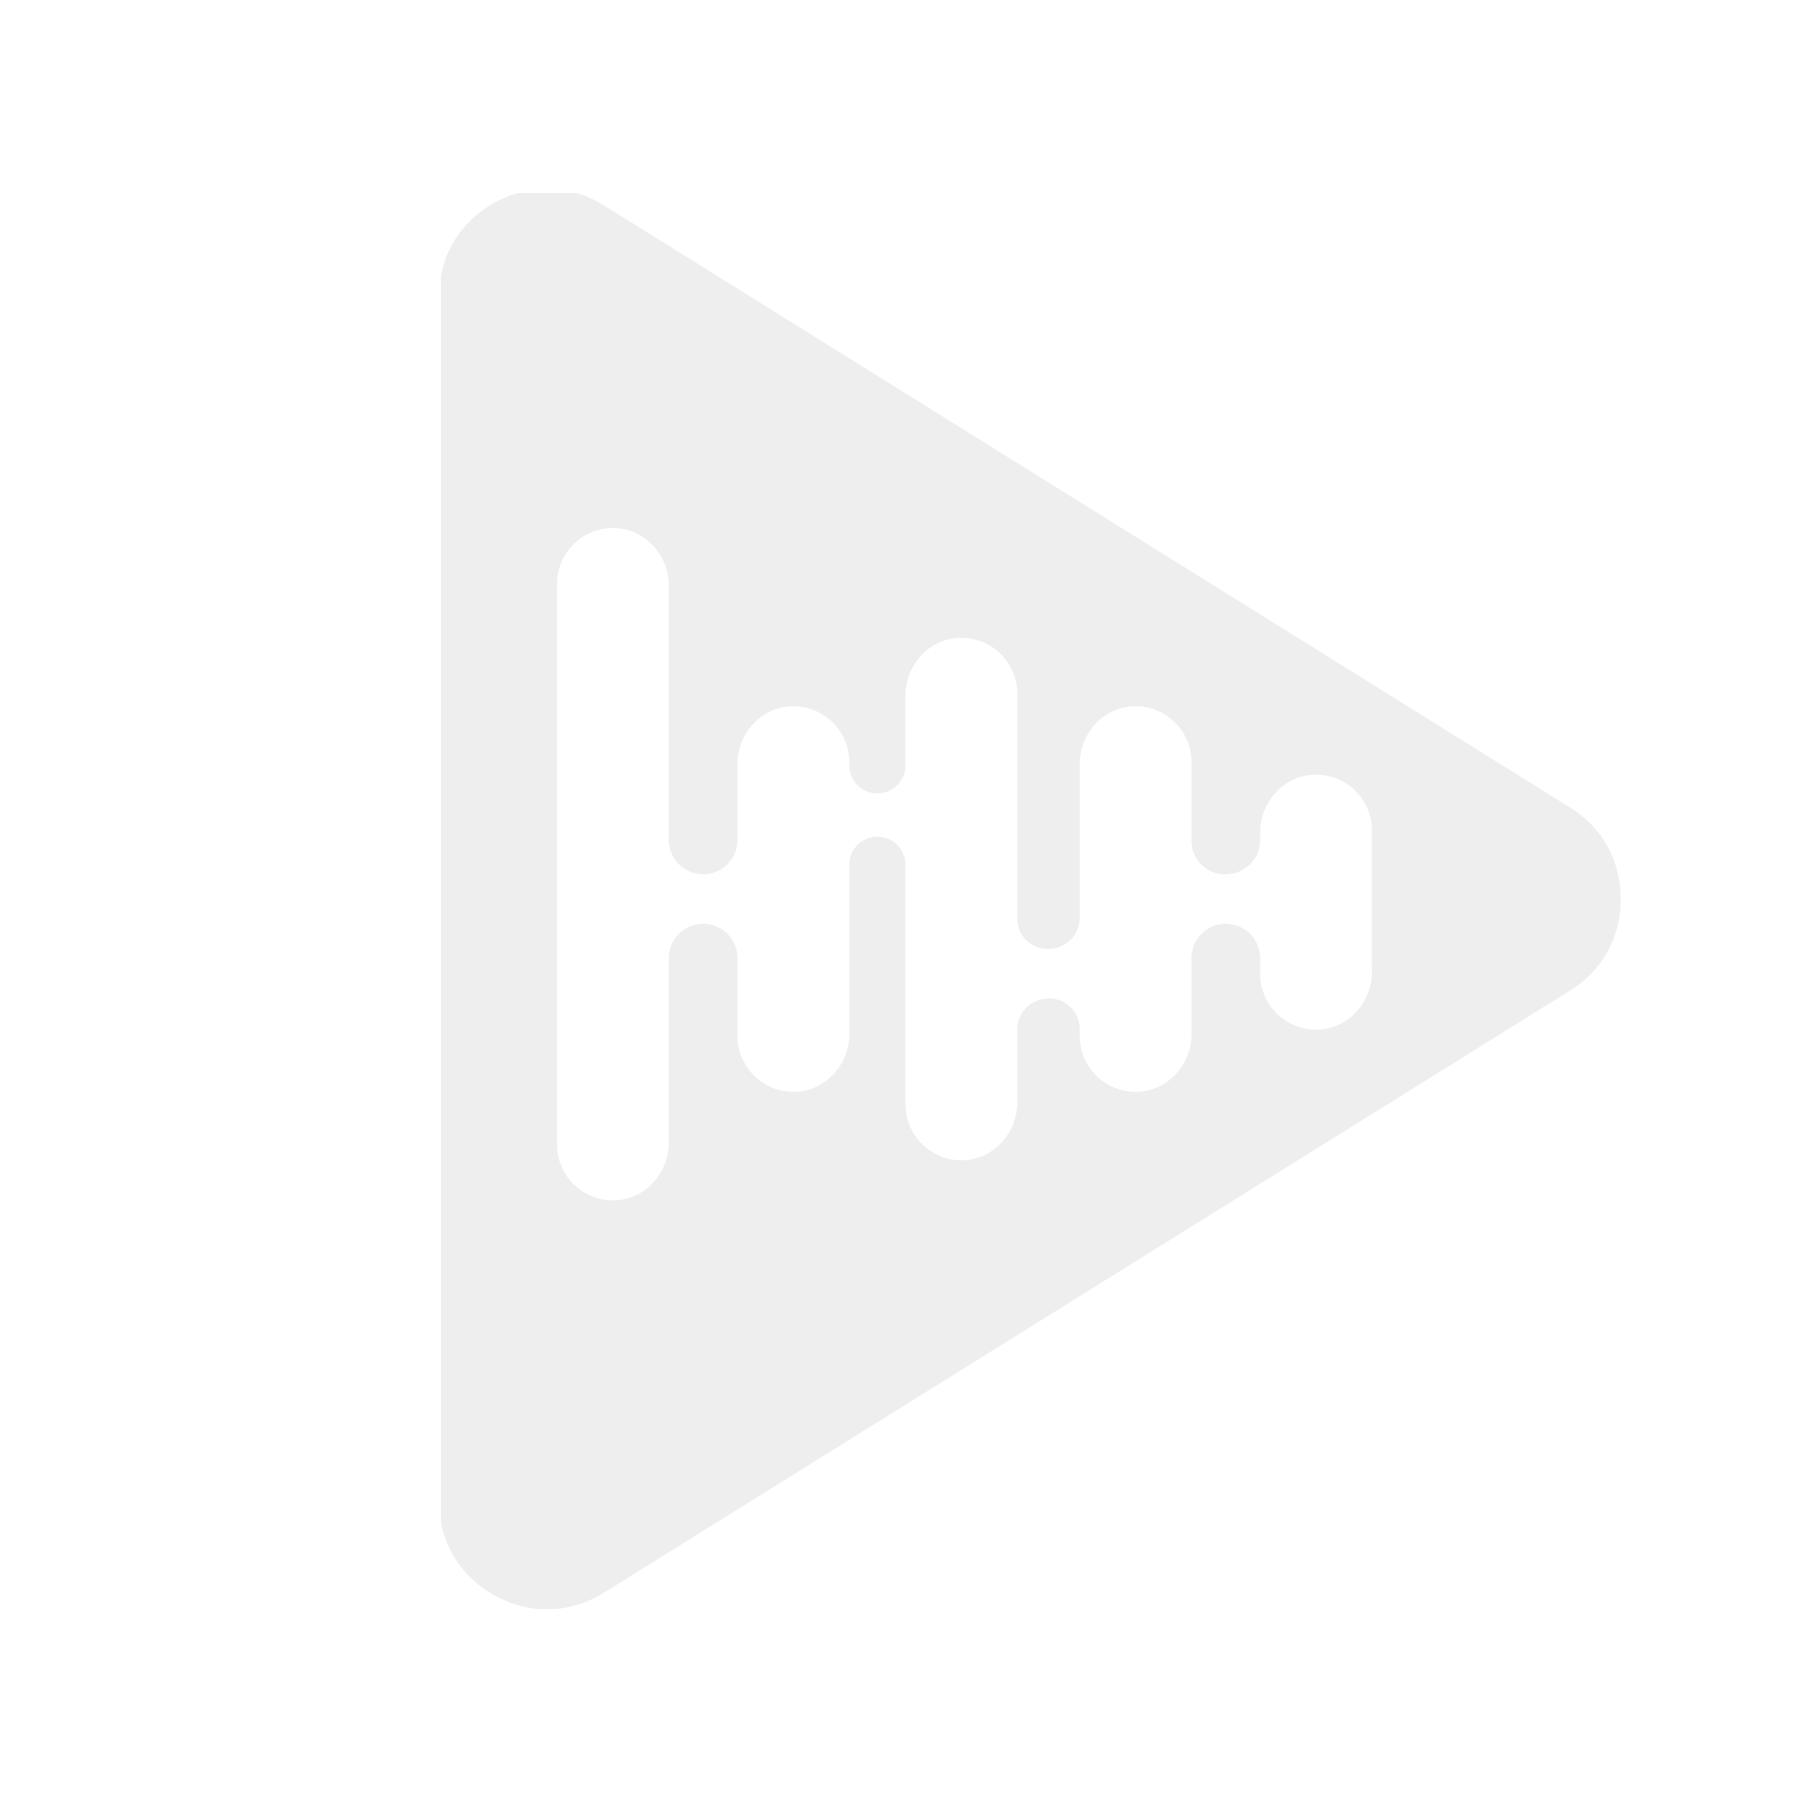 Grandview 148806 - Motor lerret Cyber, 106